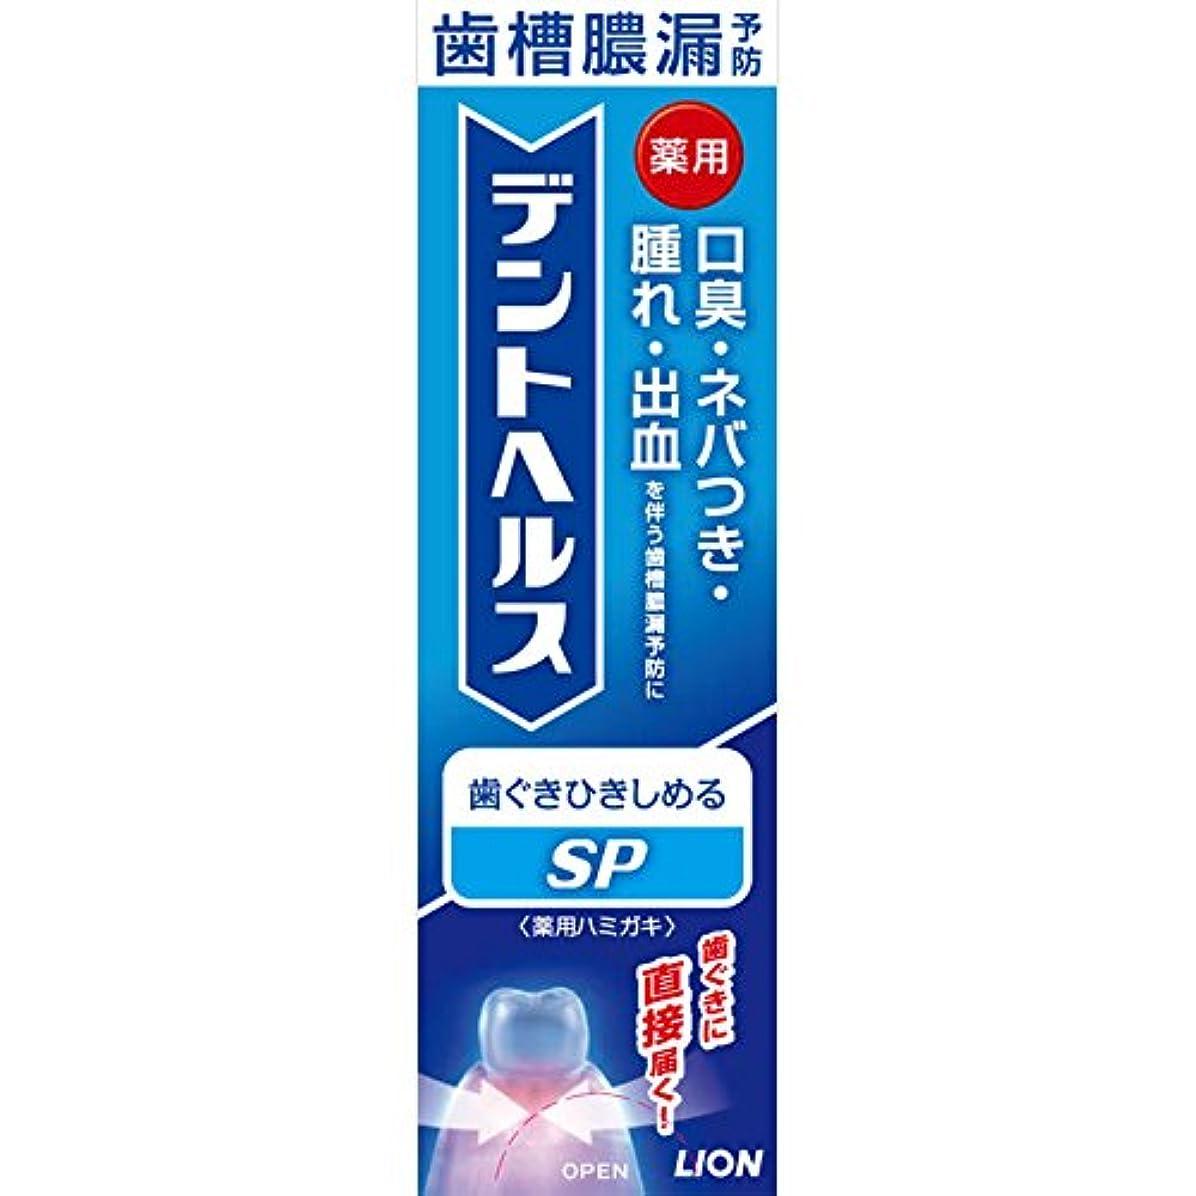 韓国語エアコン雨デントヘルス薬用ハミガキSPメディカルハーブミント90g×10個